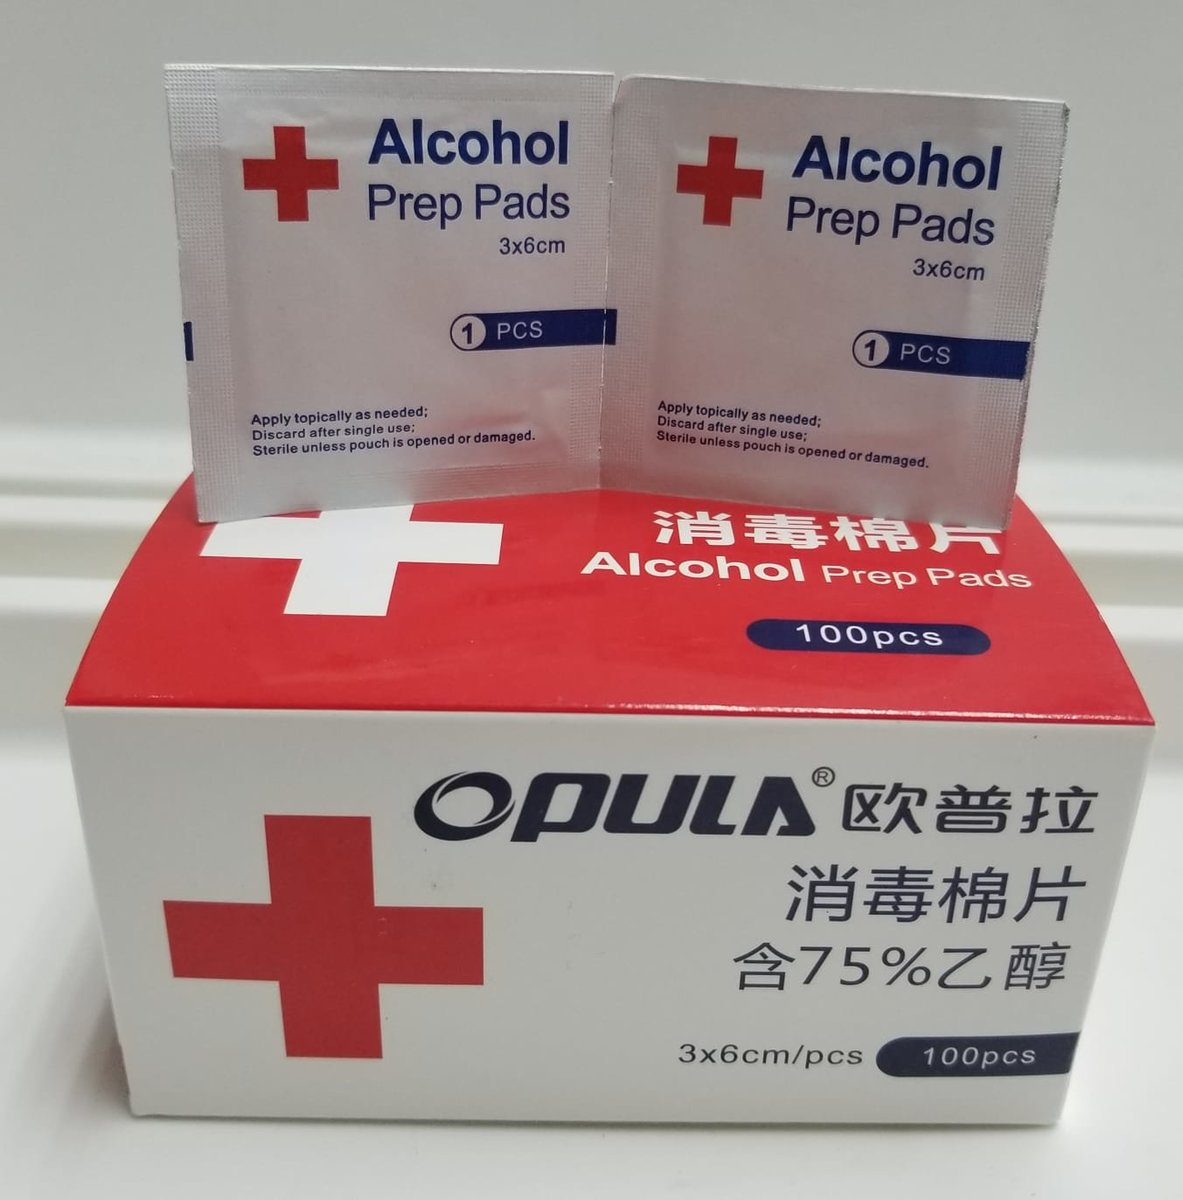 消毒酒精棉 (75% 乙醇) (100片) x 1盒